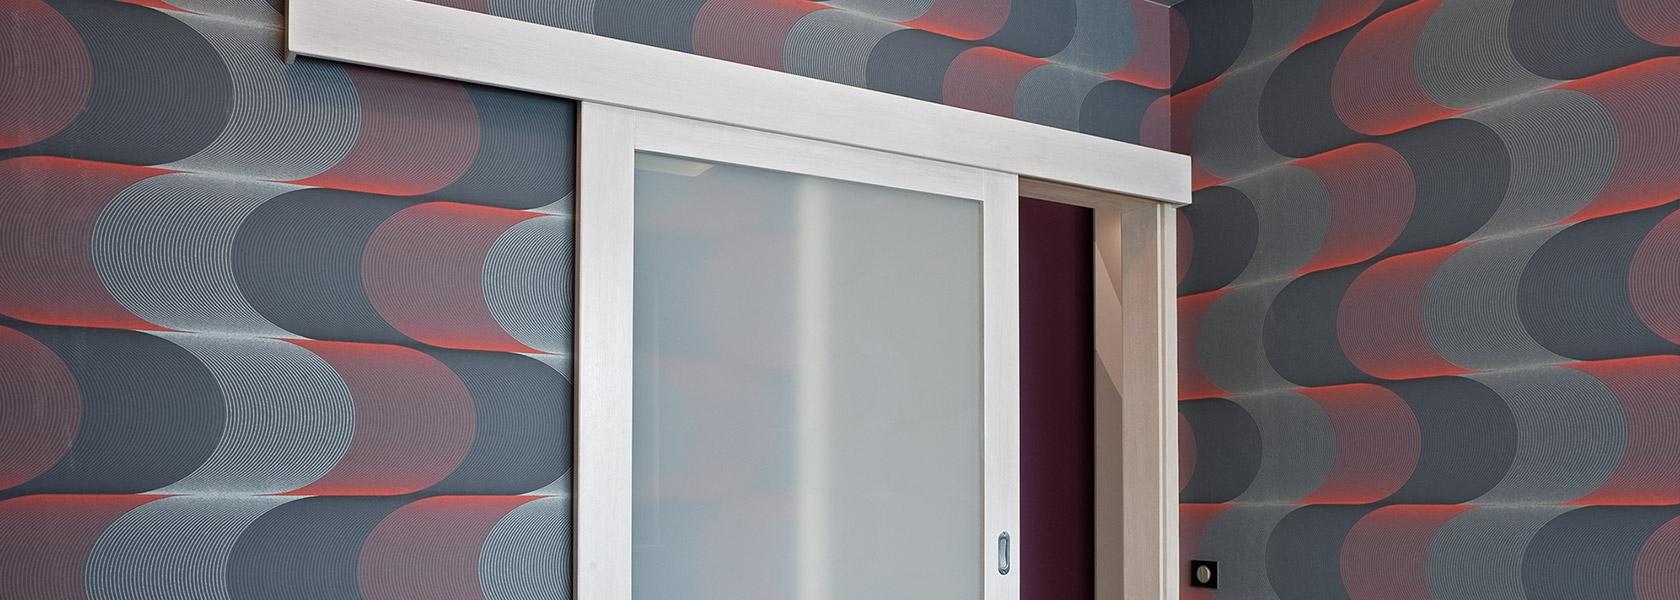 Bardzo dobra Chowane w kasecie | Korzekwa - Producent okien i drzwi drewnianych FY04